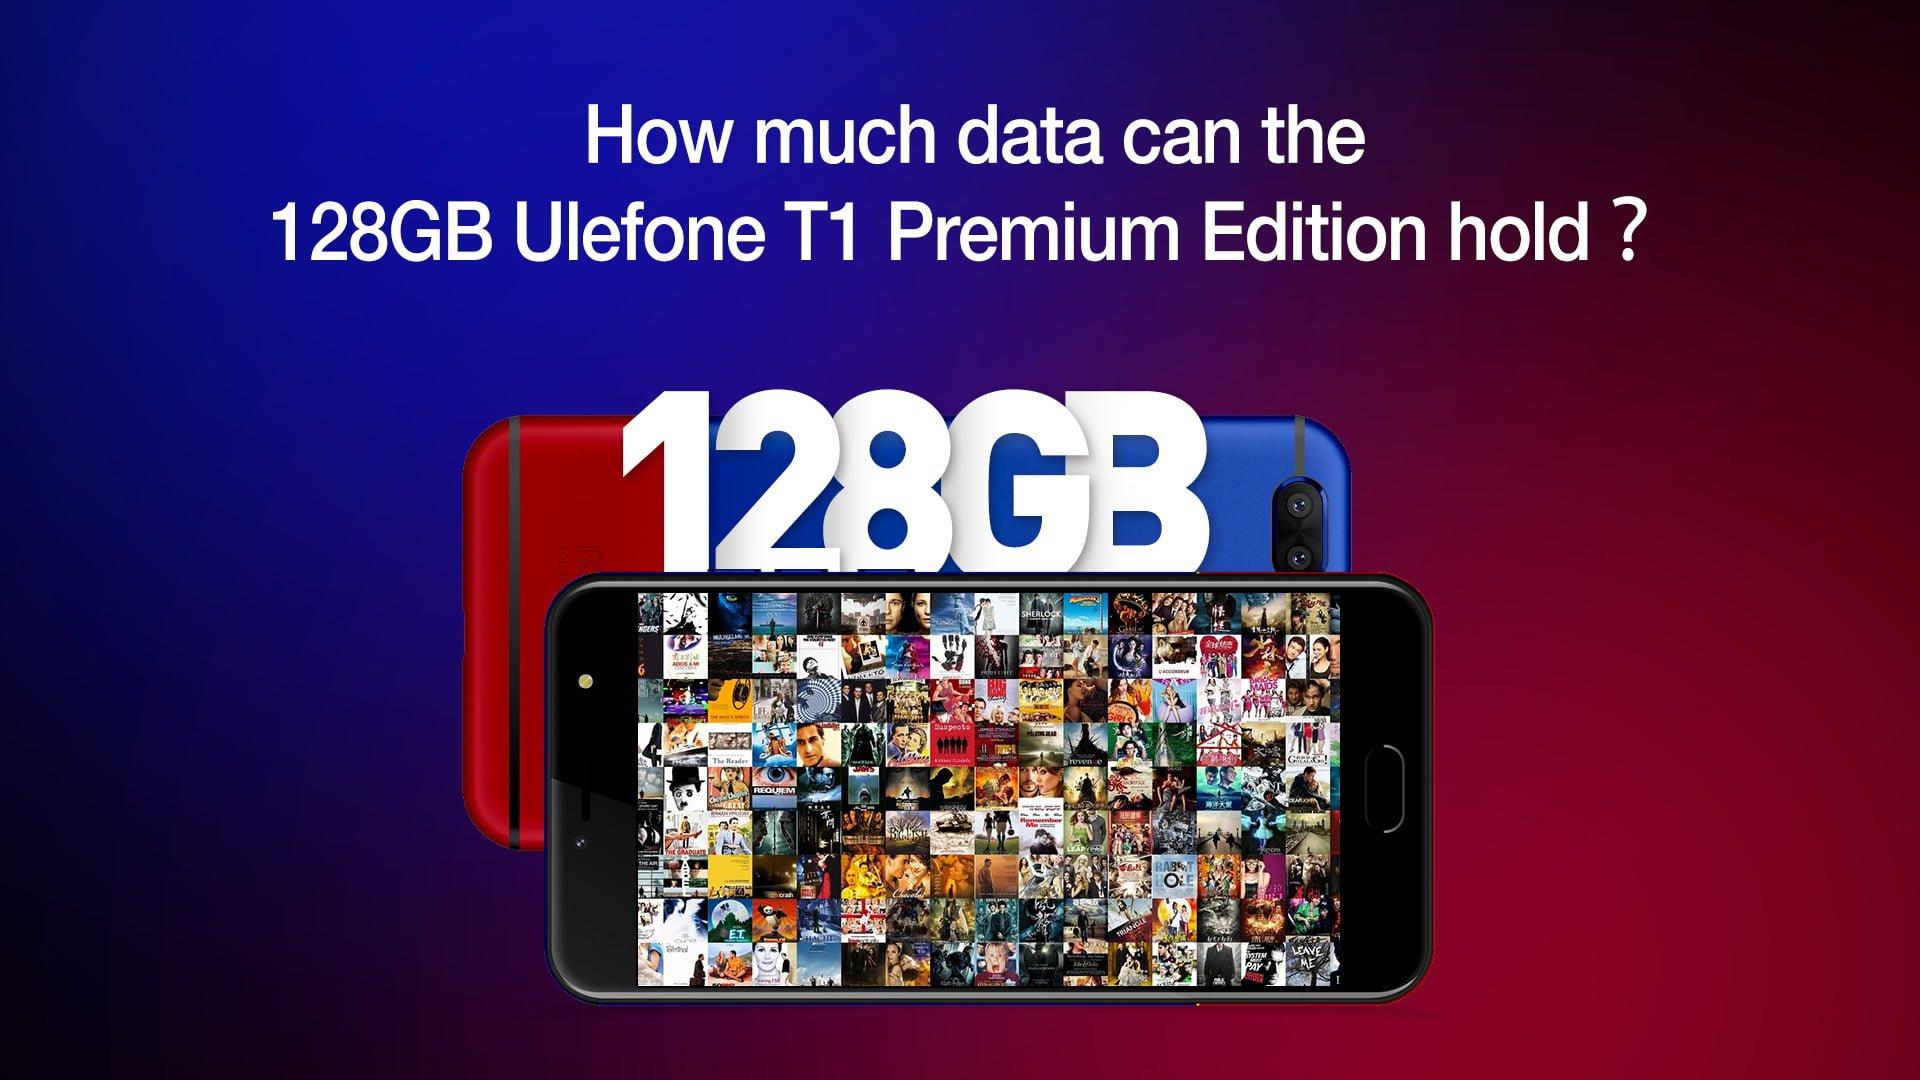 Ile plików można zmieścić w smartfonie ze 128 GB pamięci wewnętrznej na przykładzie Ulefone T1 Premium Edition 21